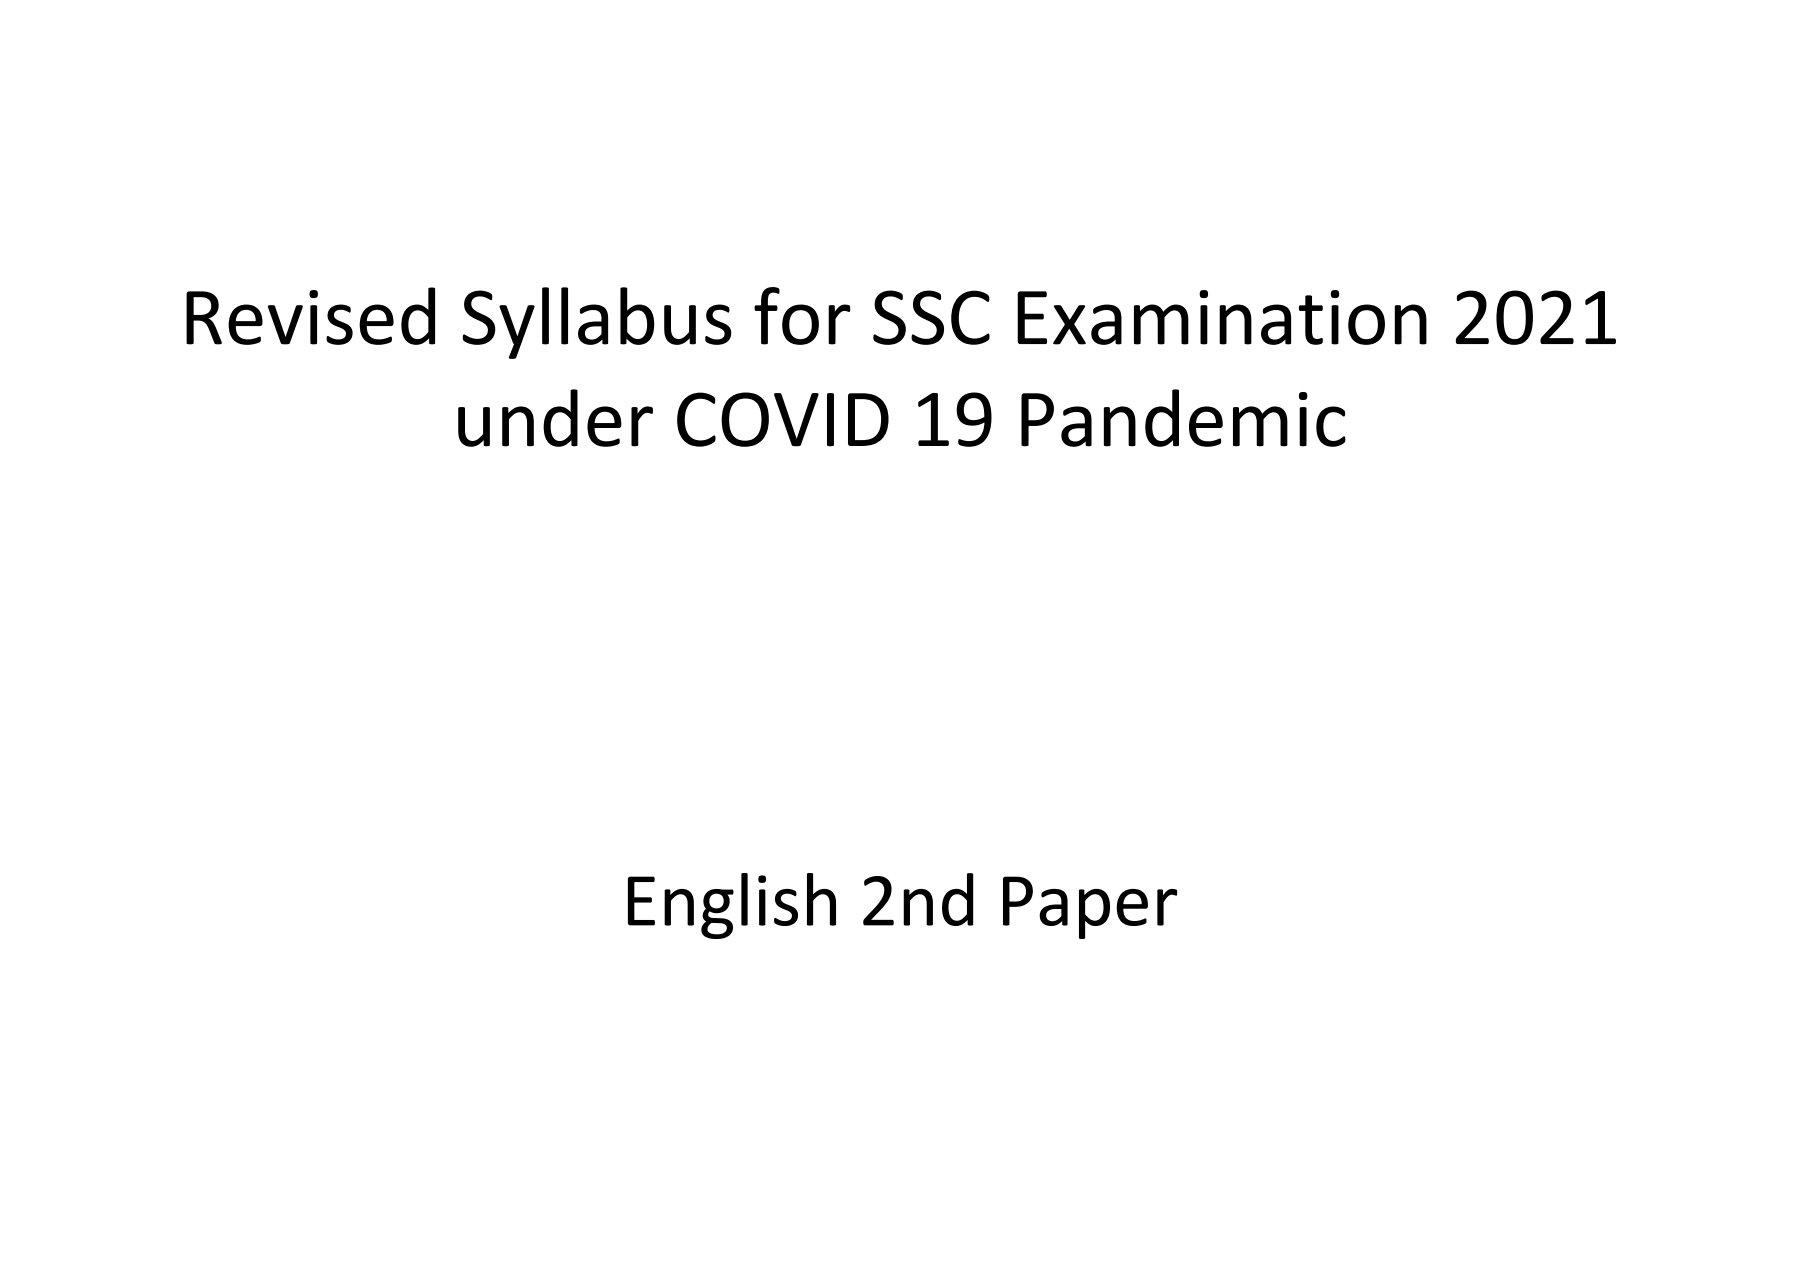 ২০২১ সালের এসএসসি পরীক্ষার সিলেবাস |Ssc syllabus 2021 Bangladesh | এসএসসি সিলেবাস  |  এস এস সি সিলেবাস ২০২১